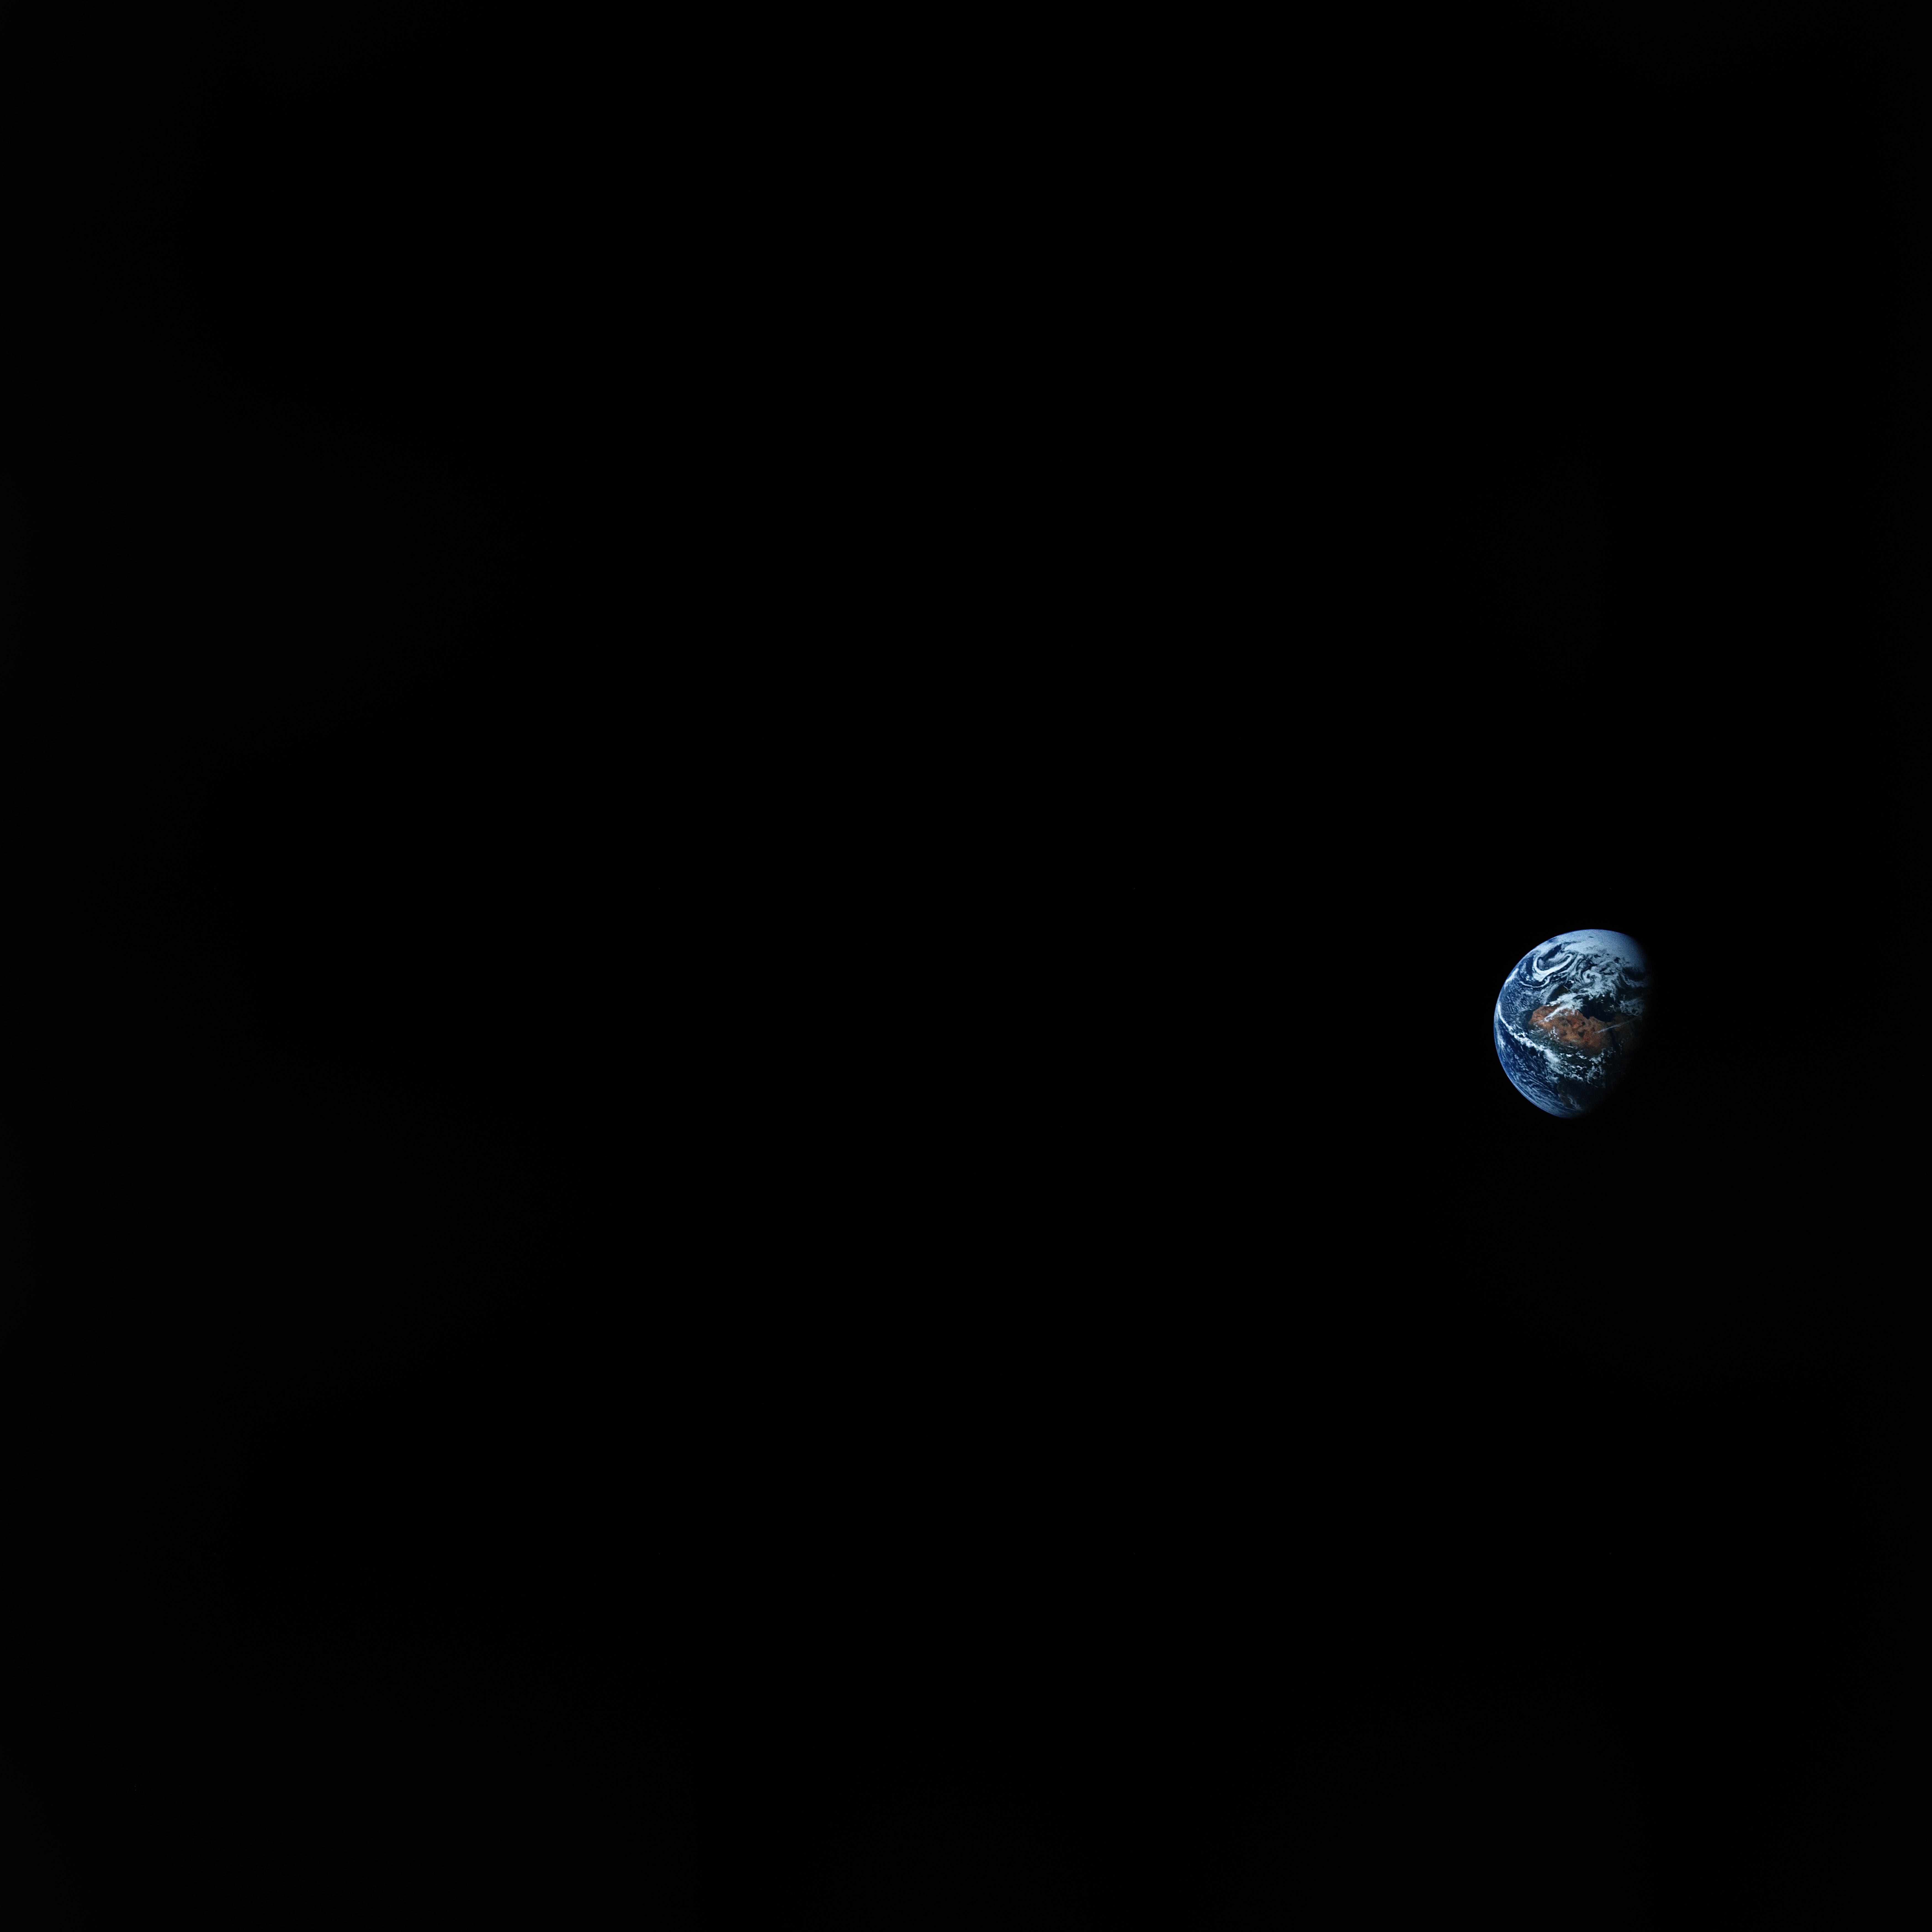 156183 скачать обои Черный, Планета, Космос, Темный, Земля - заставки и картинки бесплатно